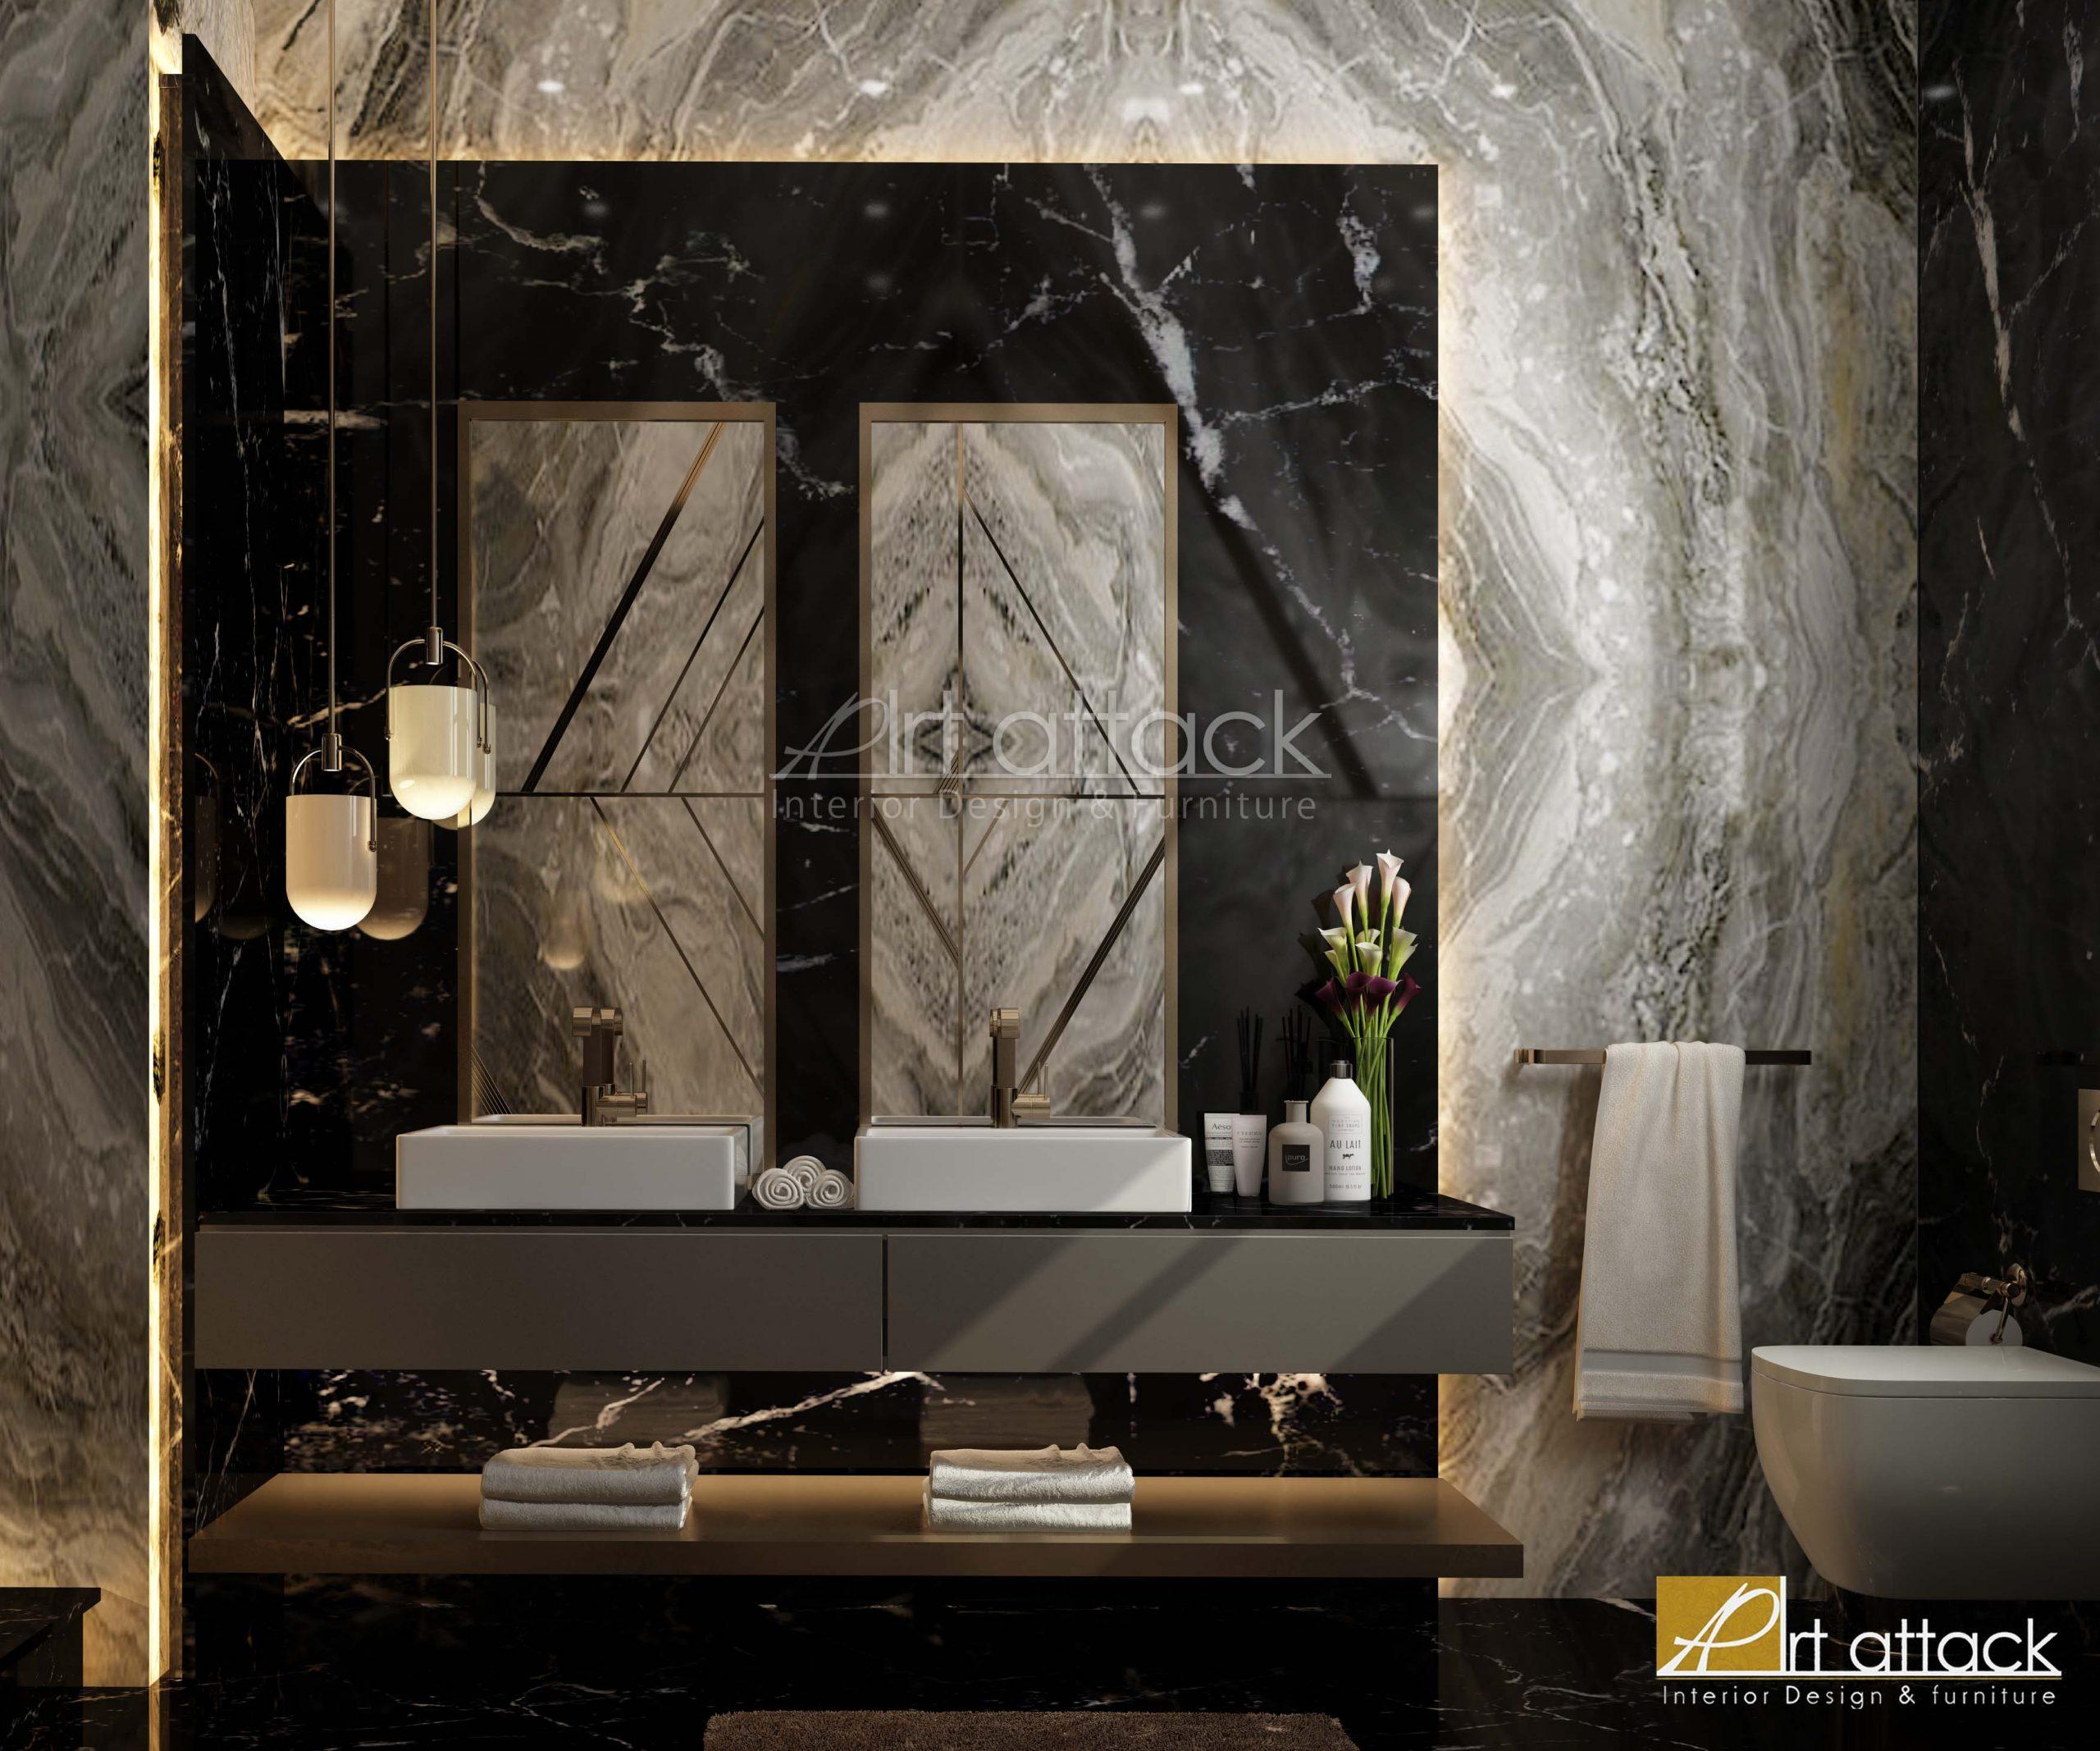 شركة ديكور بالقاهرة,مصمم ديكور بالقاهرة,شركة ديكور بمدينتي,تصميم حمامات صغيرة,interiordesig,decoration,design,decor,exteriordesgn,modern,classic,jpg